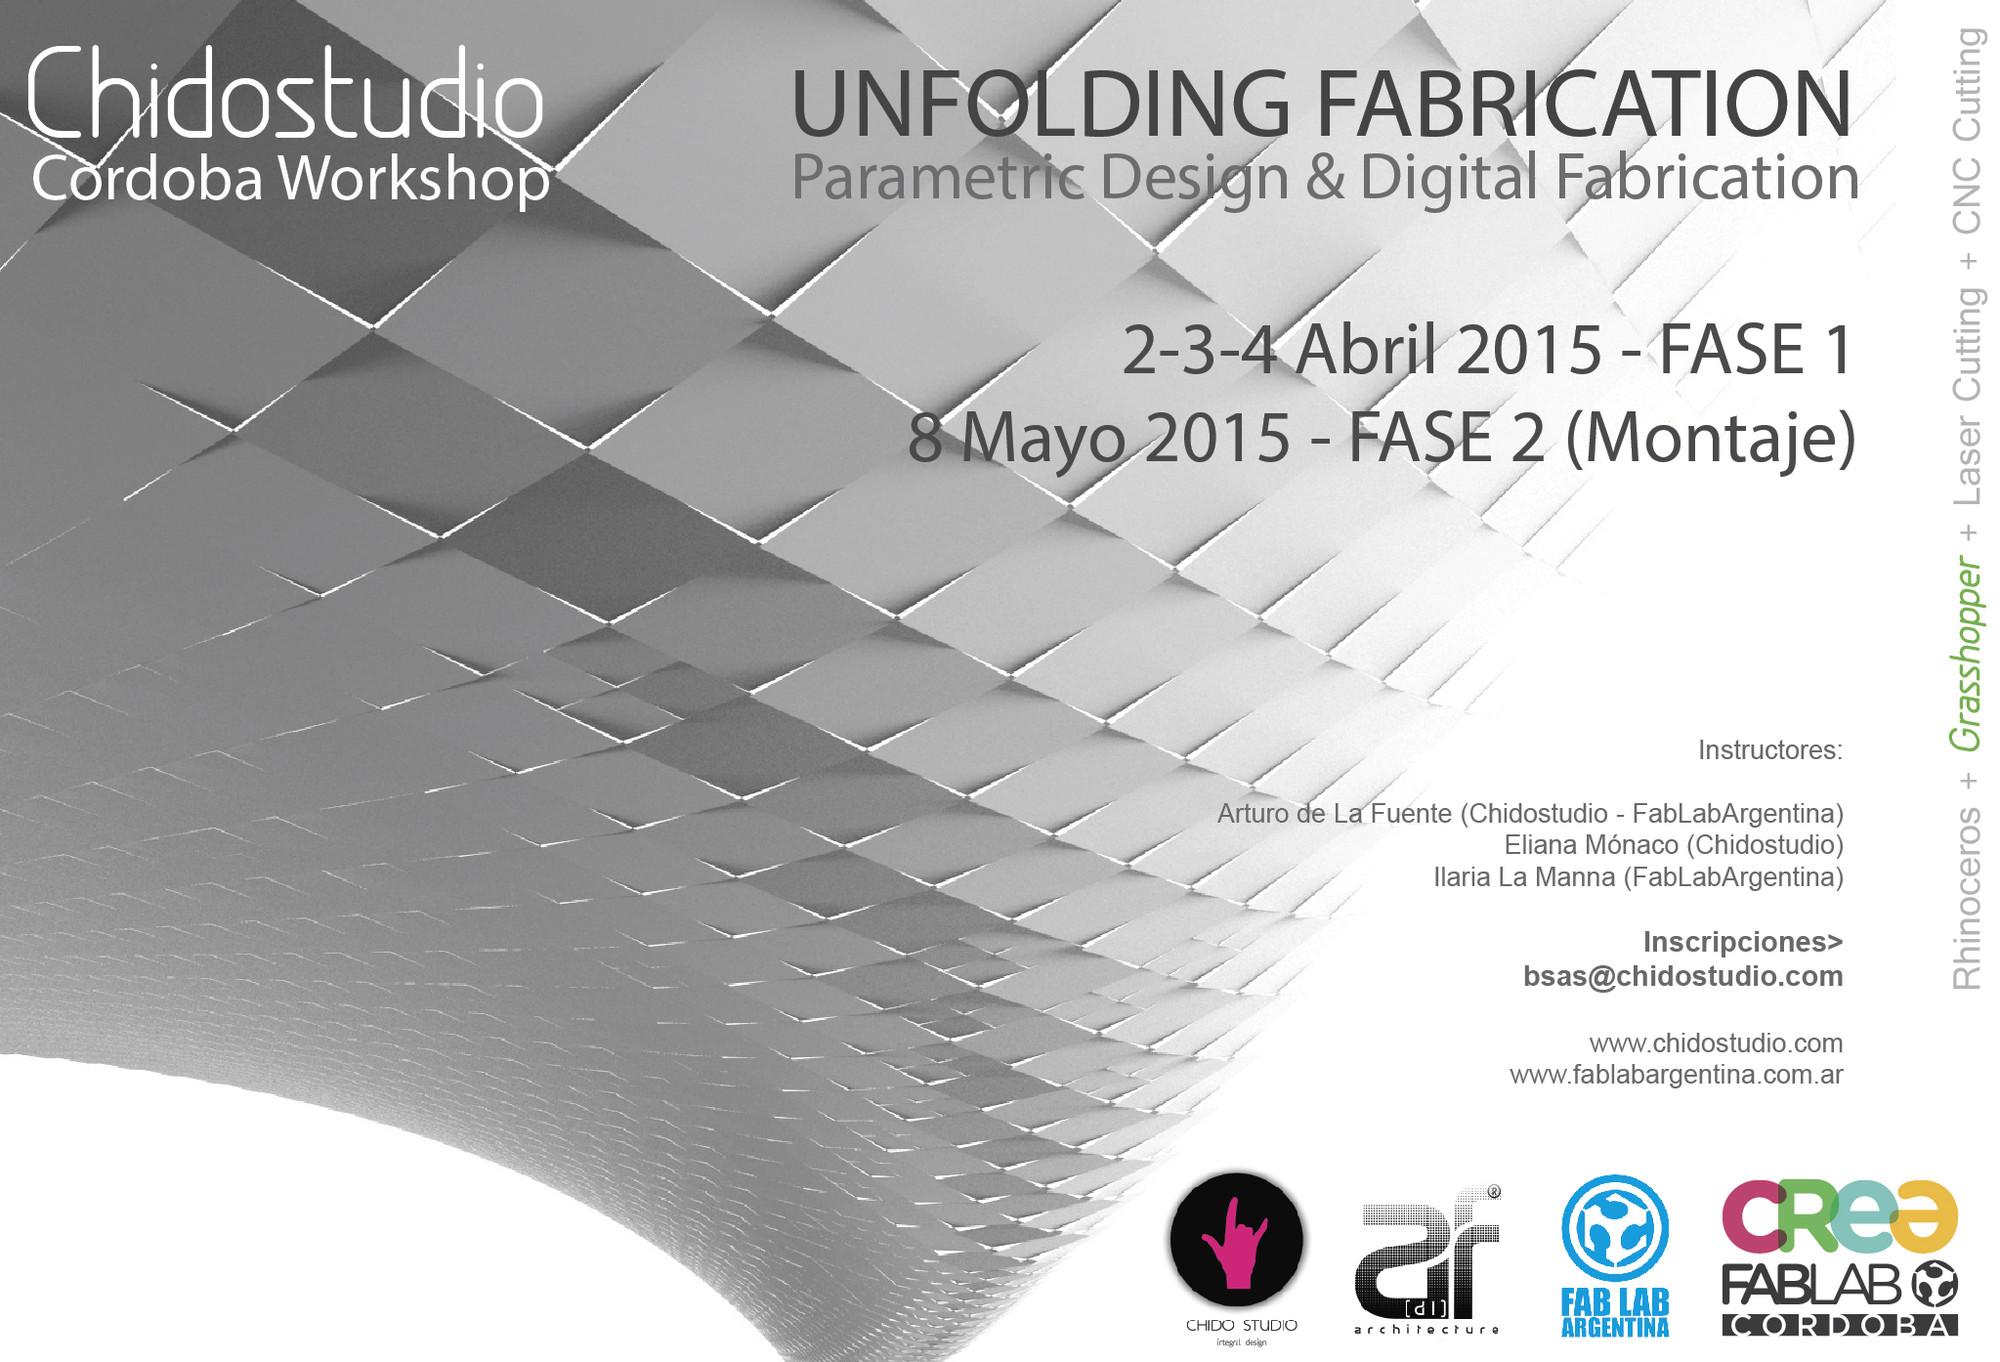 Workshop Chidostudio 'Unfolding Fabrication' en Córdoba / ¡Sorteamos un cupo! [cerrado]